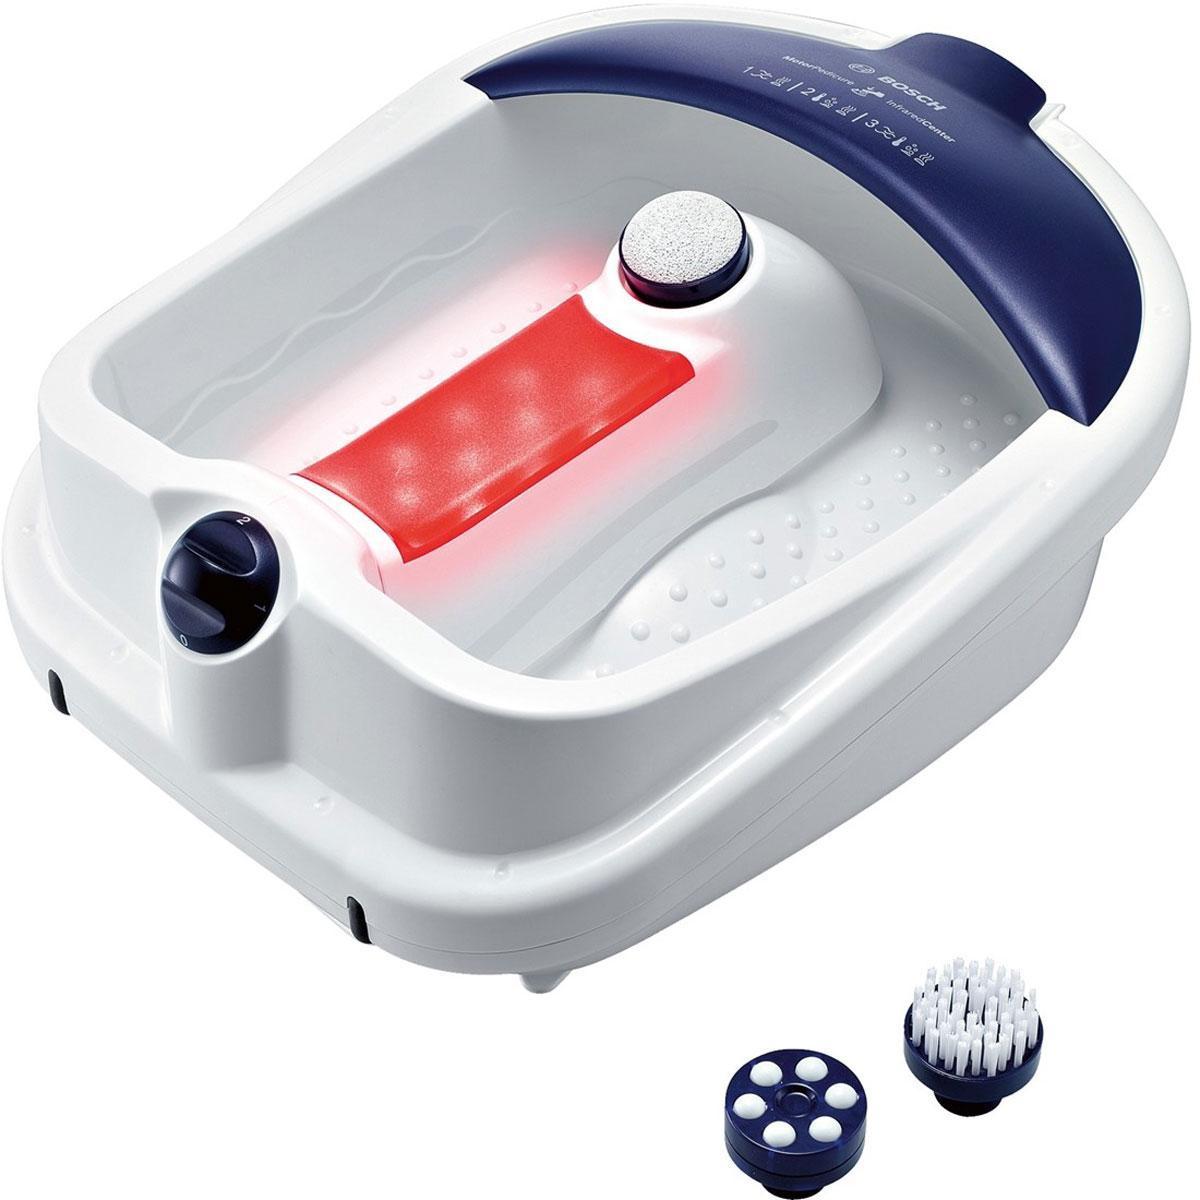 Bosch PMF3000 гидромассажная ванночка для ногPMF3000Массажная ванночка Bosch PMF3000 предназначена для бережного ухода за ногами в домашних условиях. Она позволит вам устроить настоящий праздник для ваших ножек, ведь в комплект устройства входят различные насадки, такие как щетка, пемза и массажные ролики, которые позволят вам сделать салонный педикюр. Функции вибромассажа, пузырькового массажа и поддержания тепла позволят расслабиться после тяжелого дня. Большая массажная поверхность ванночки подойдет даже для 45 размера ноги! Инфракрасная зона Удобный слив воды Защита от брызг Намотка шнура для более удобного хранения Поворотный переключатель